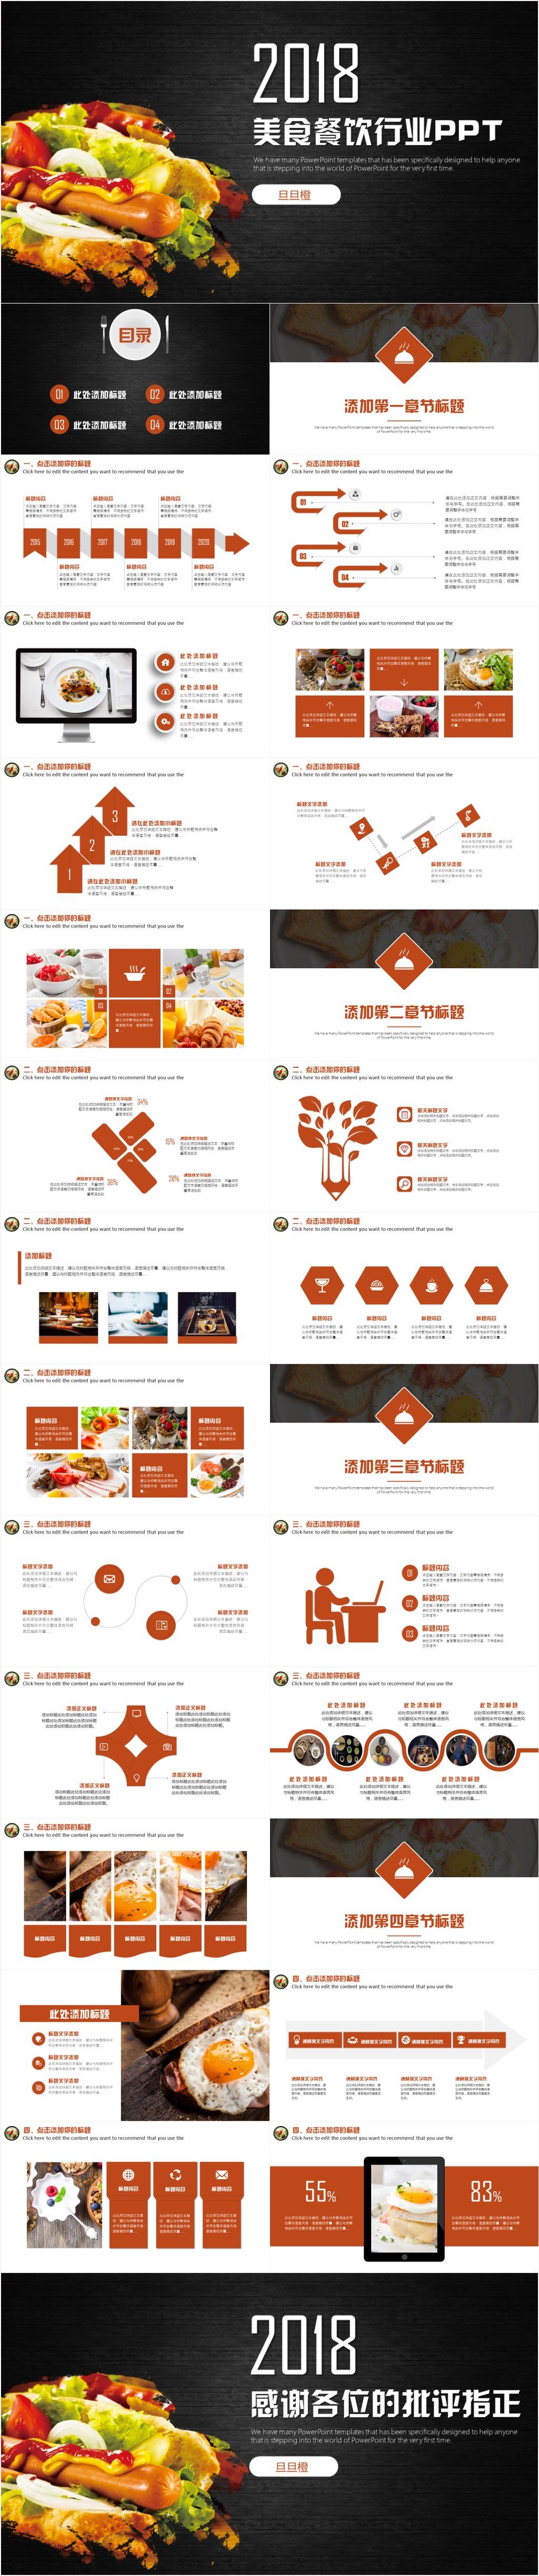 餐饮美食酒店策划餐厅营销方案计划书品牌宣传ppt模板图片